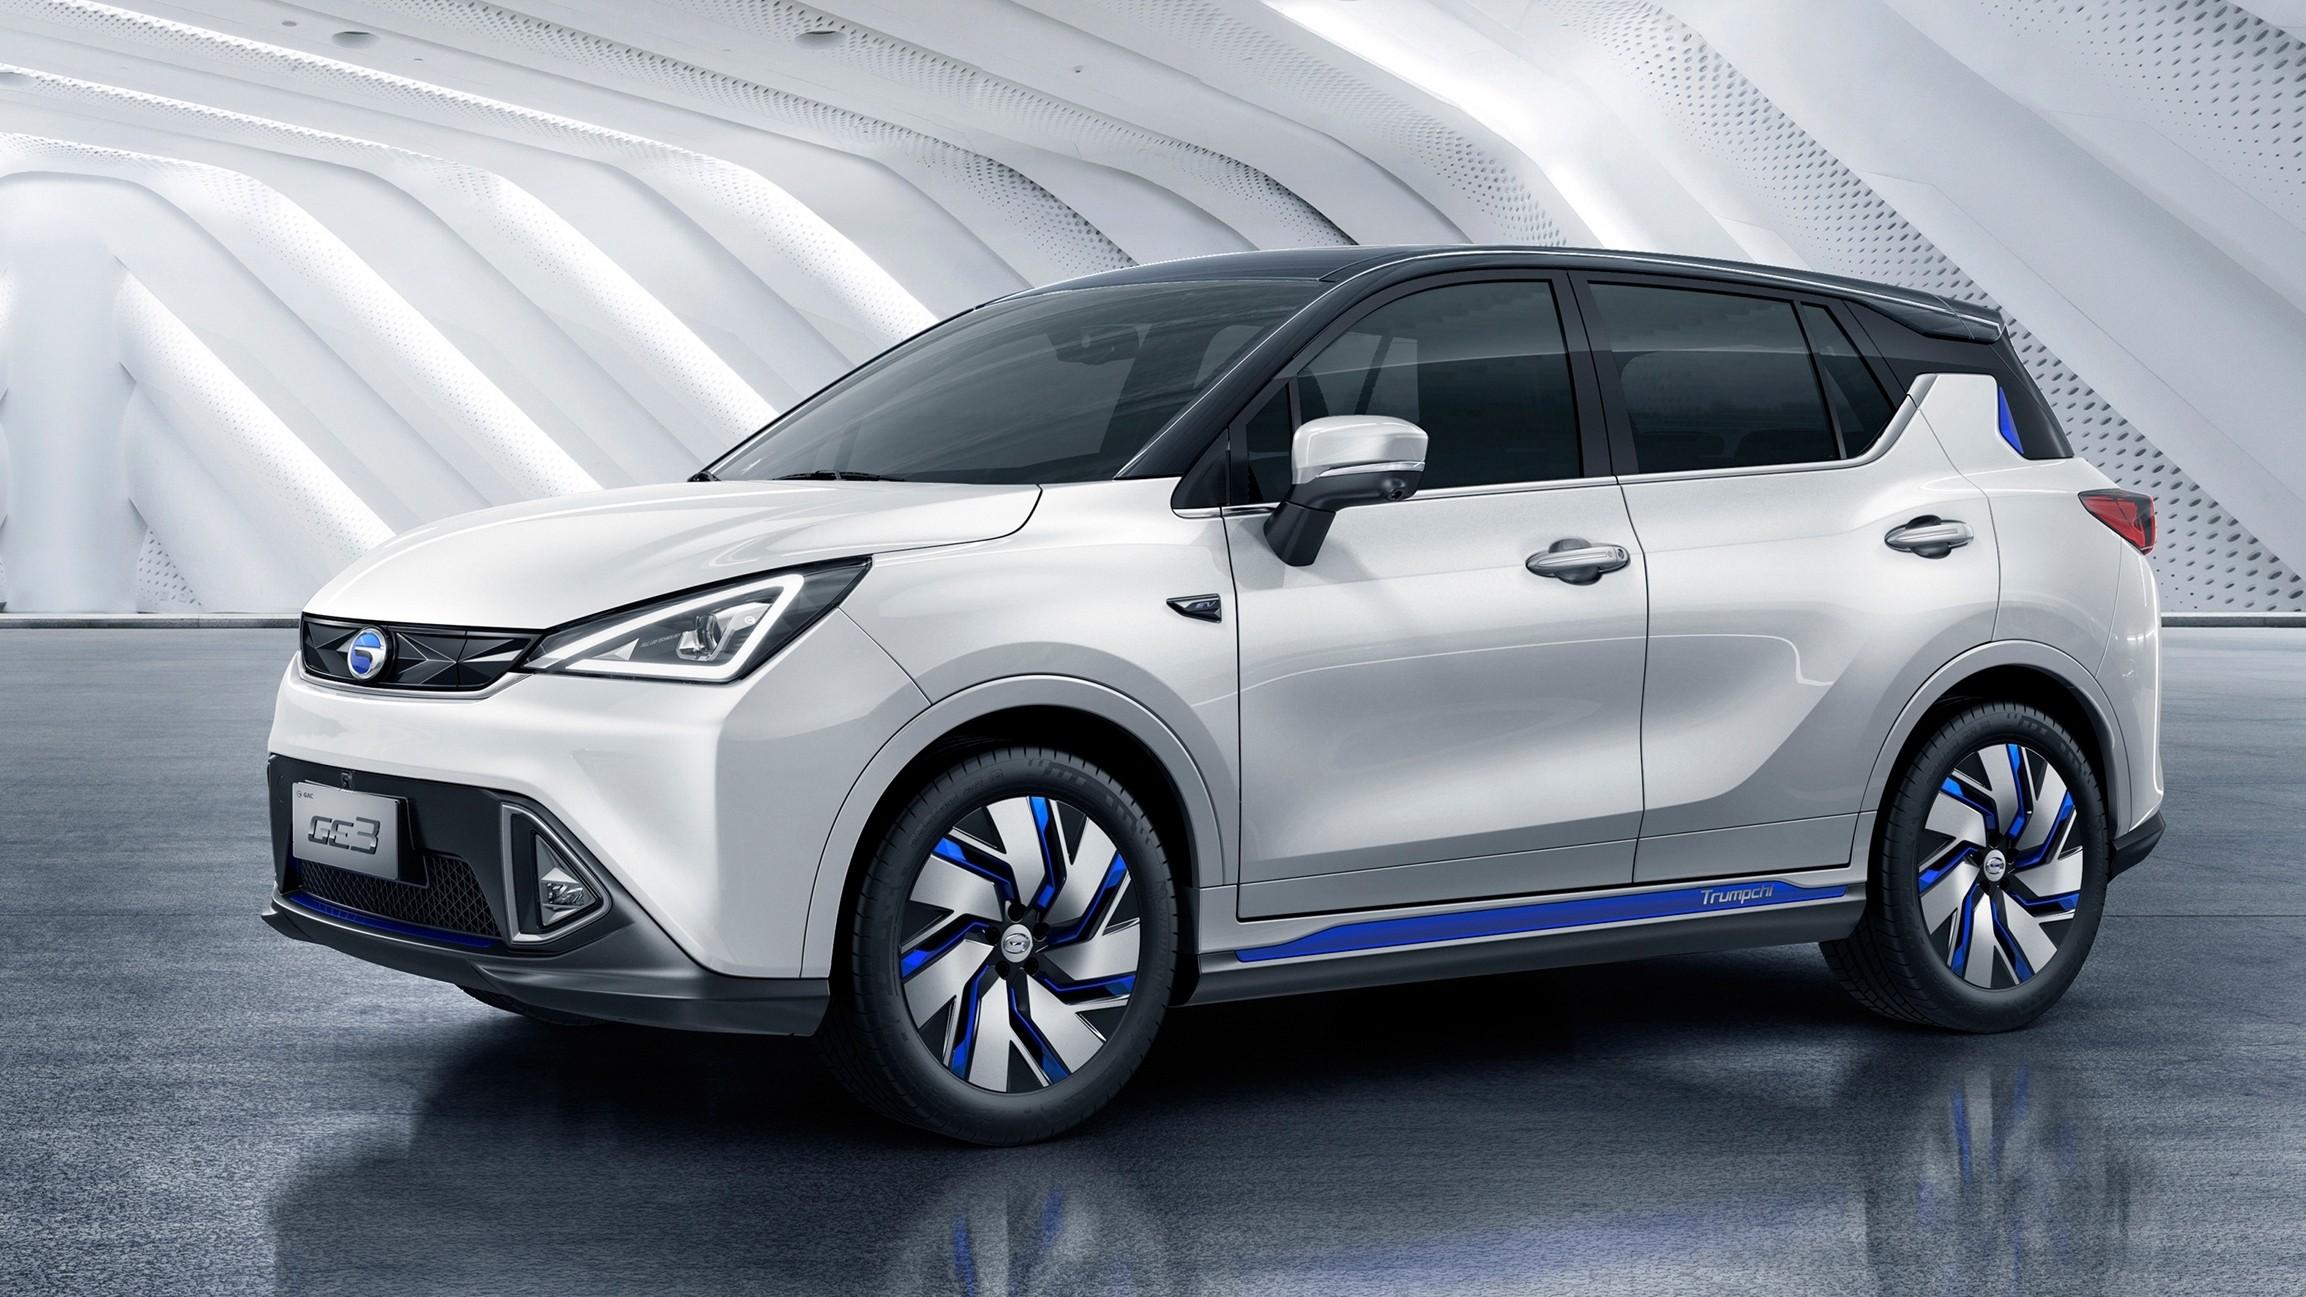 Электромобиль GE3, поступивший в Китае в продажу только в 2017 году, а в этом уже получивший АКБ большей ёмкости